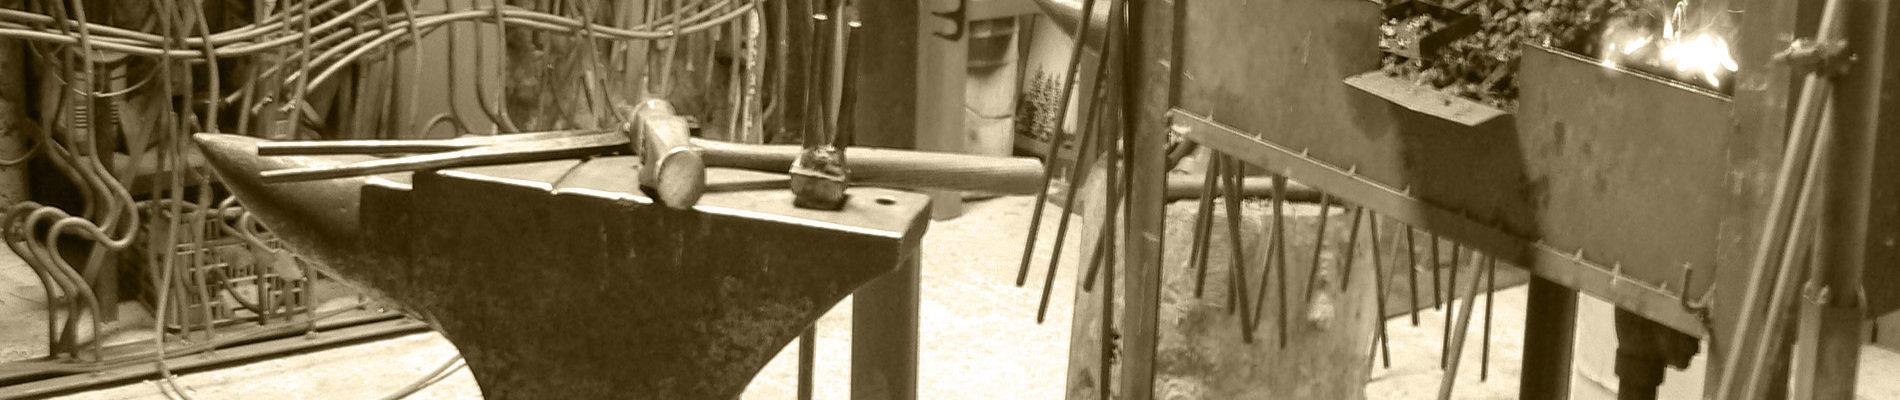 taller, forja, yunque, martillo, metalmorfosis